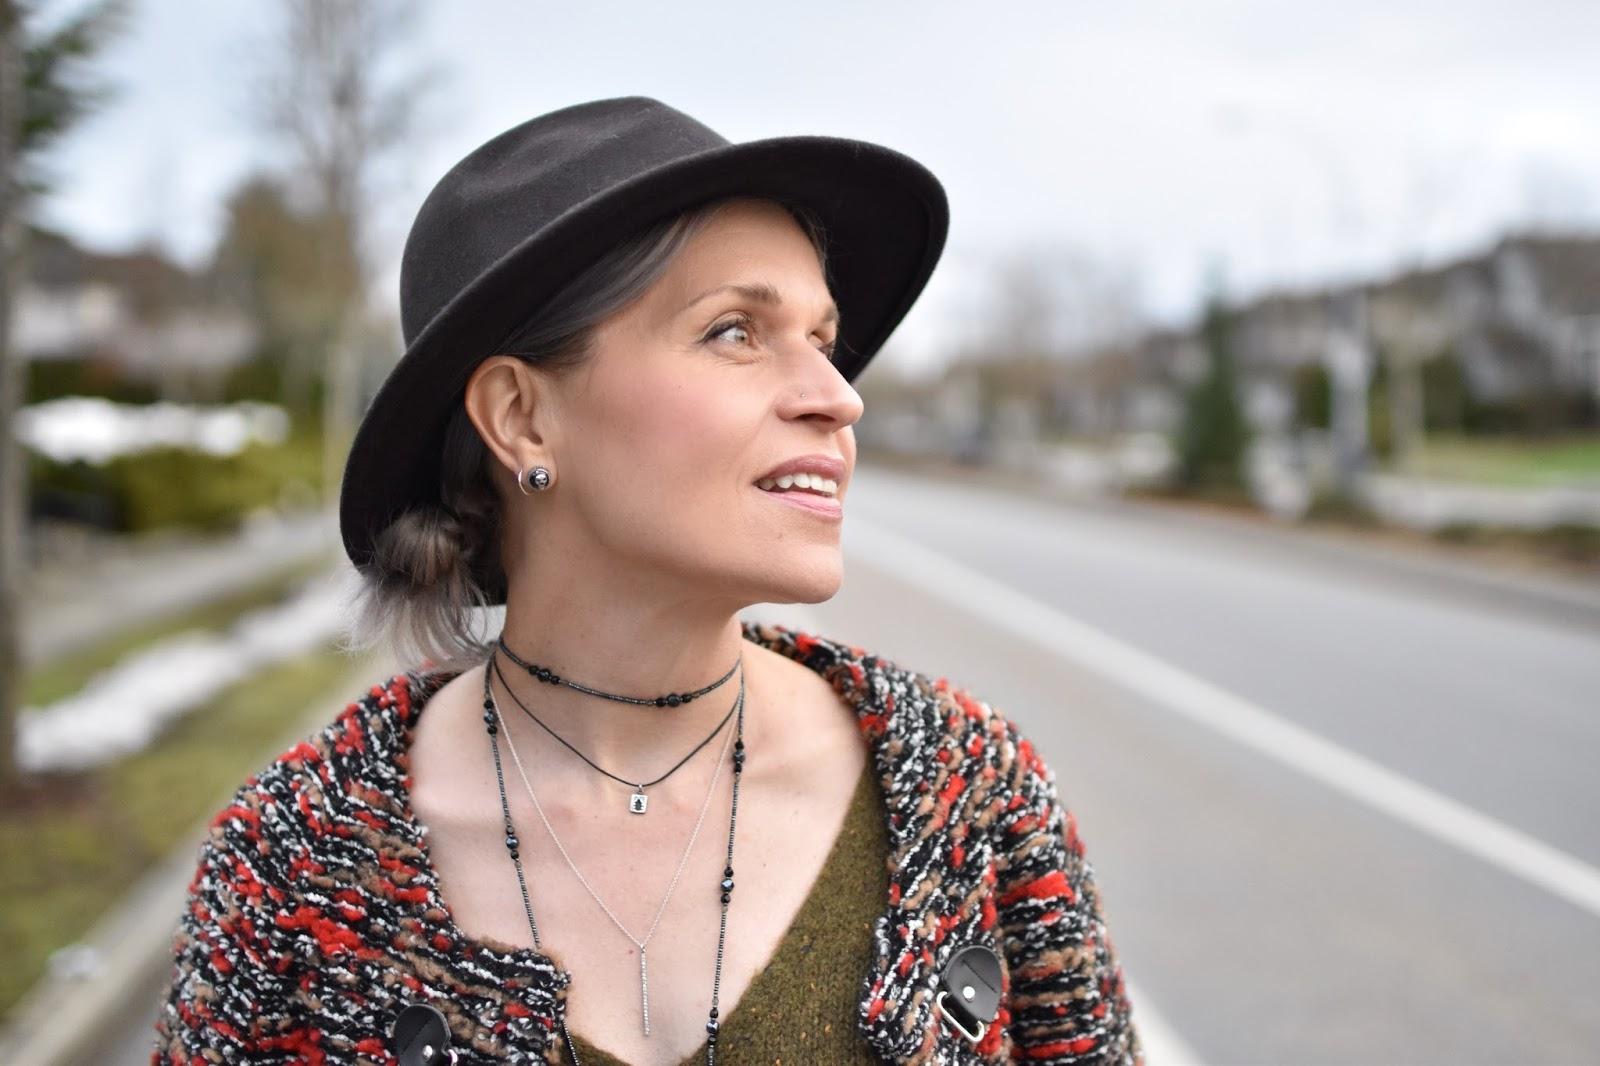 Monika Faulkner outfit inspiration - layered necklaces, felt fedora